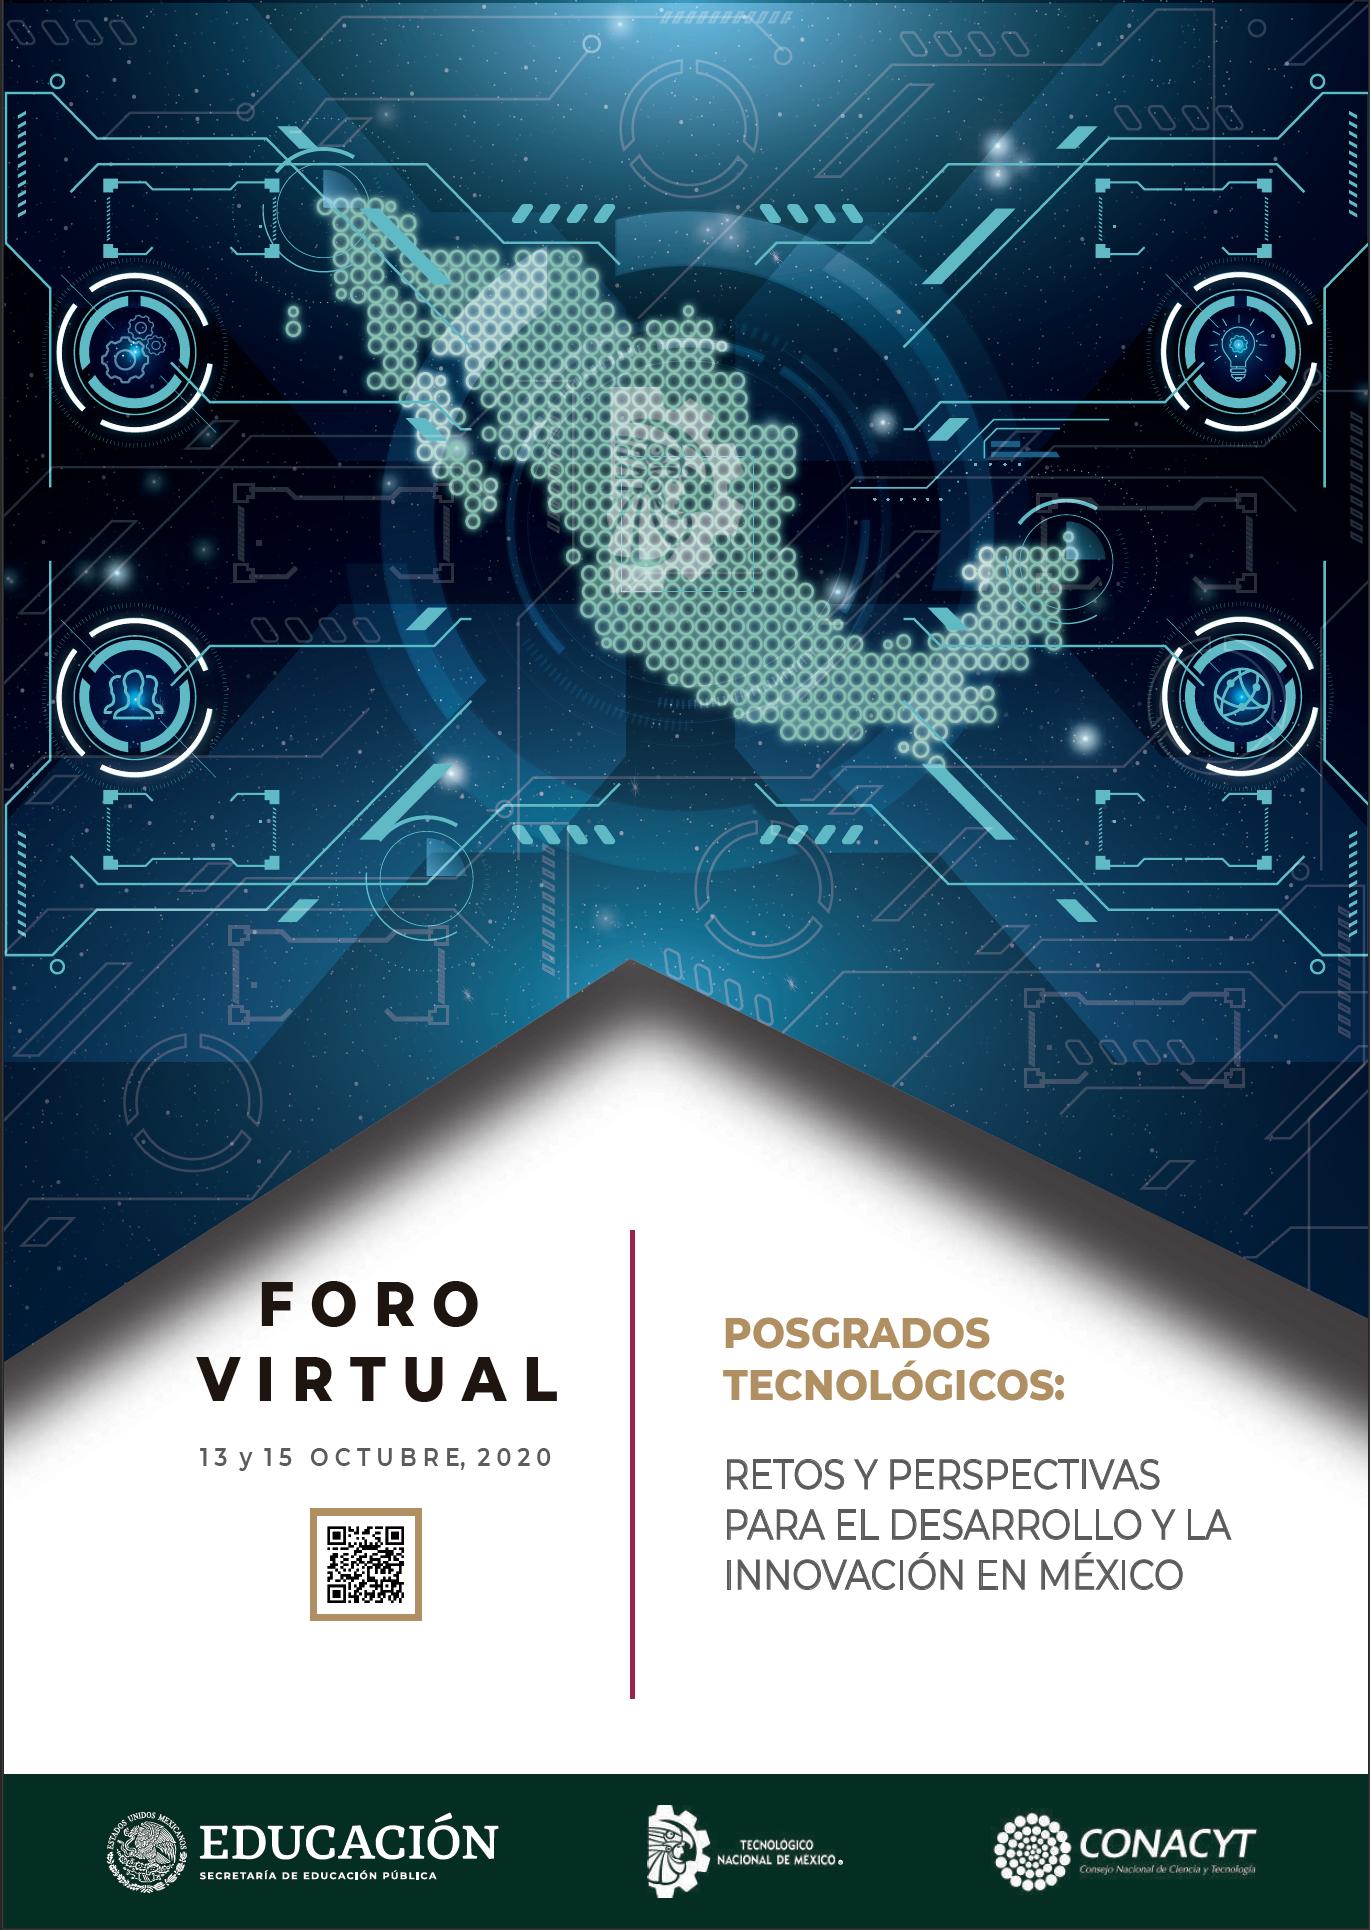 F O R O V I R T U A L: POSGRADOS TECNOLÓGICOS: RETOS Y PERSPECTIVAS PARA EL DESARROLLO Y LA INNOVACIÓN EN MÉXICO